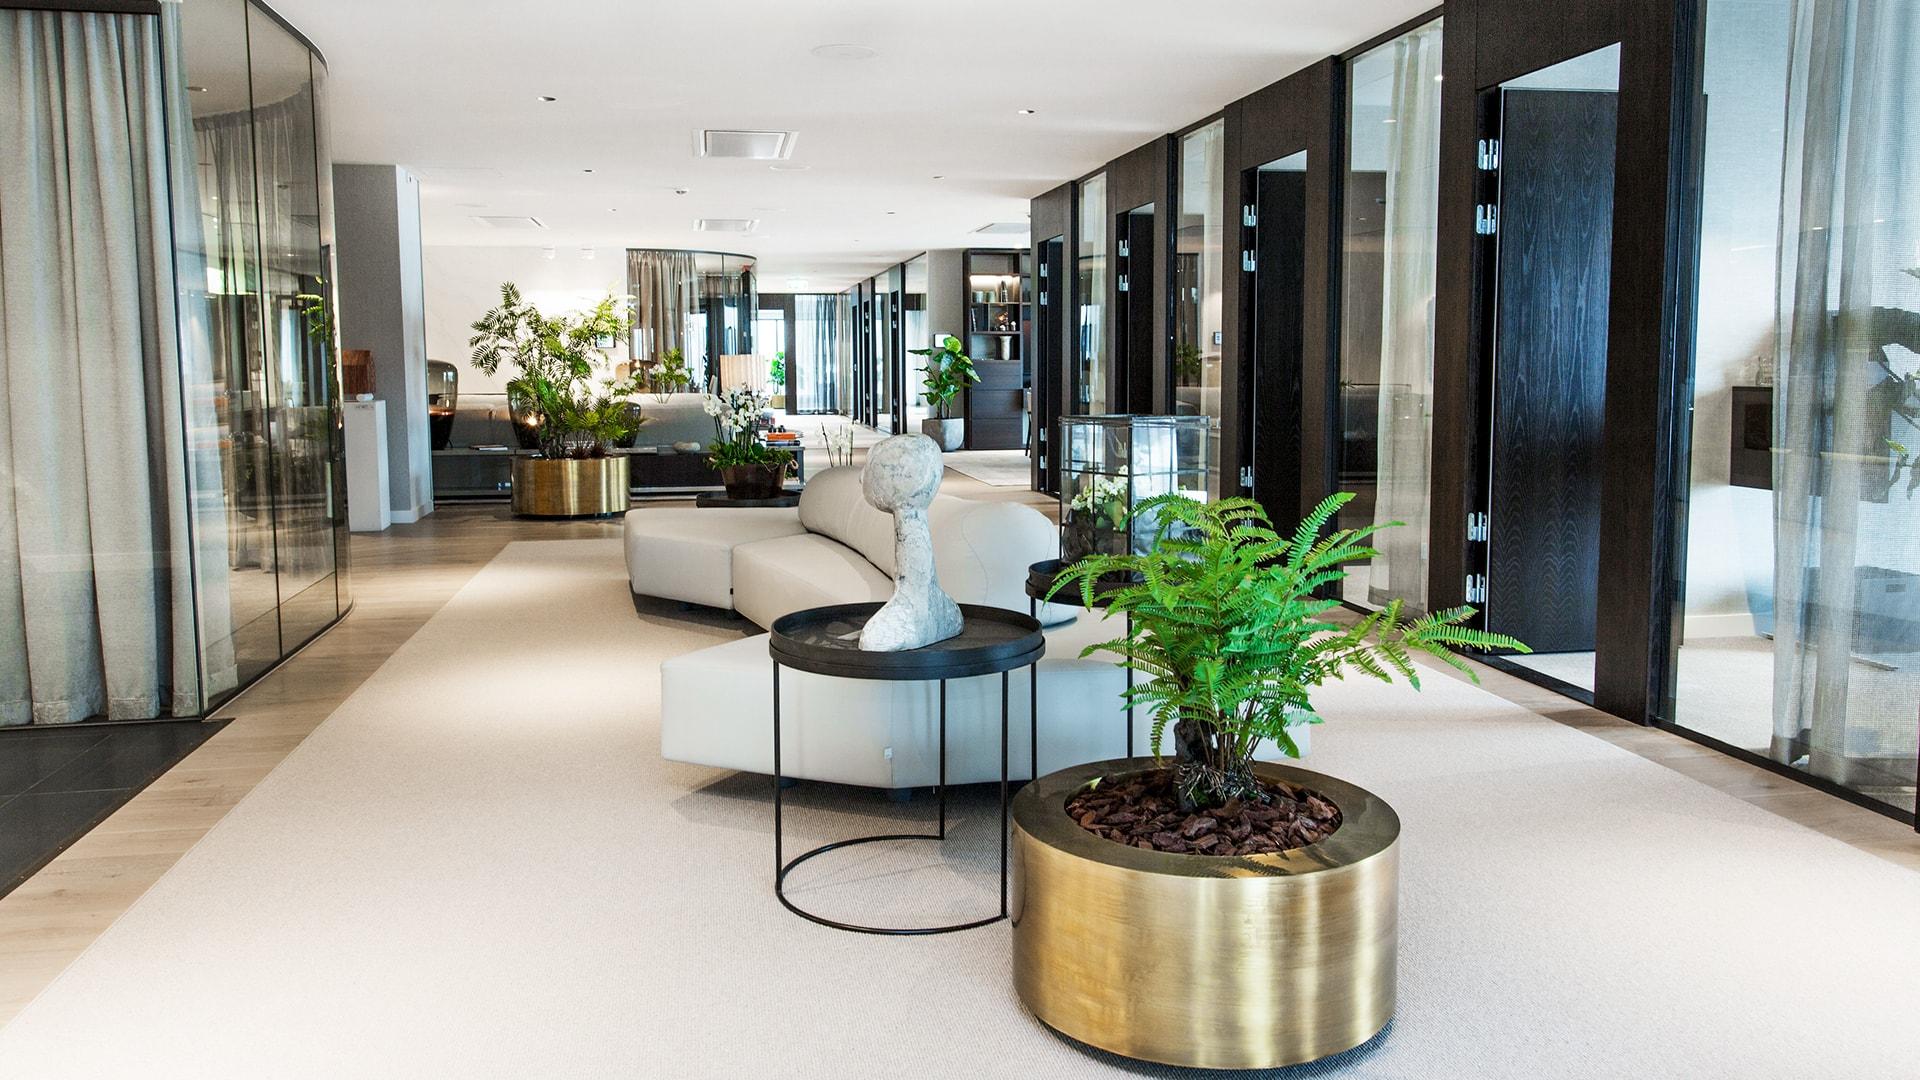 Inredning av lounge av Joy of Plenty hos Järngrinden